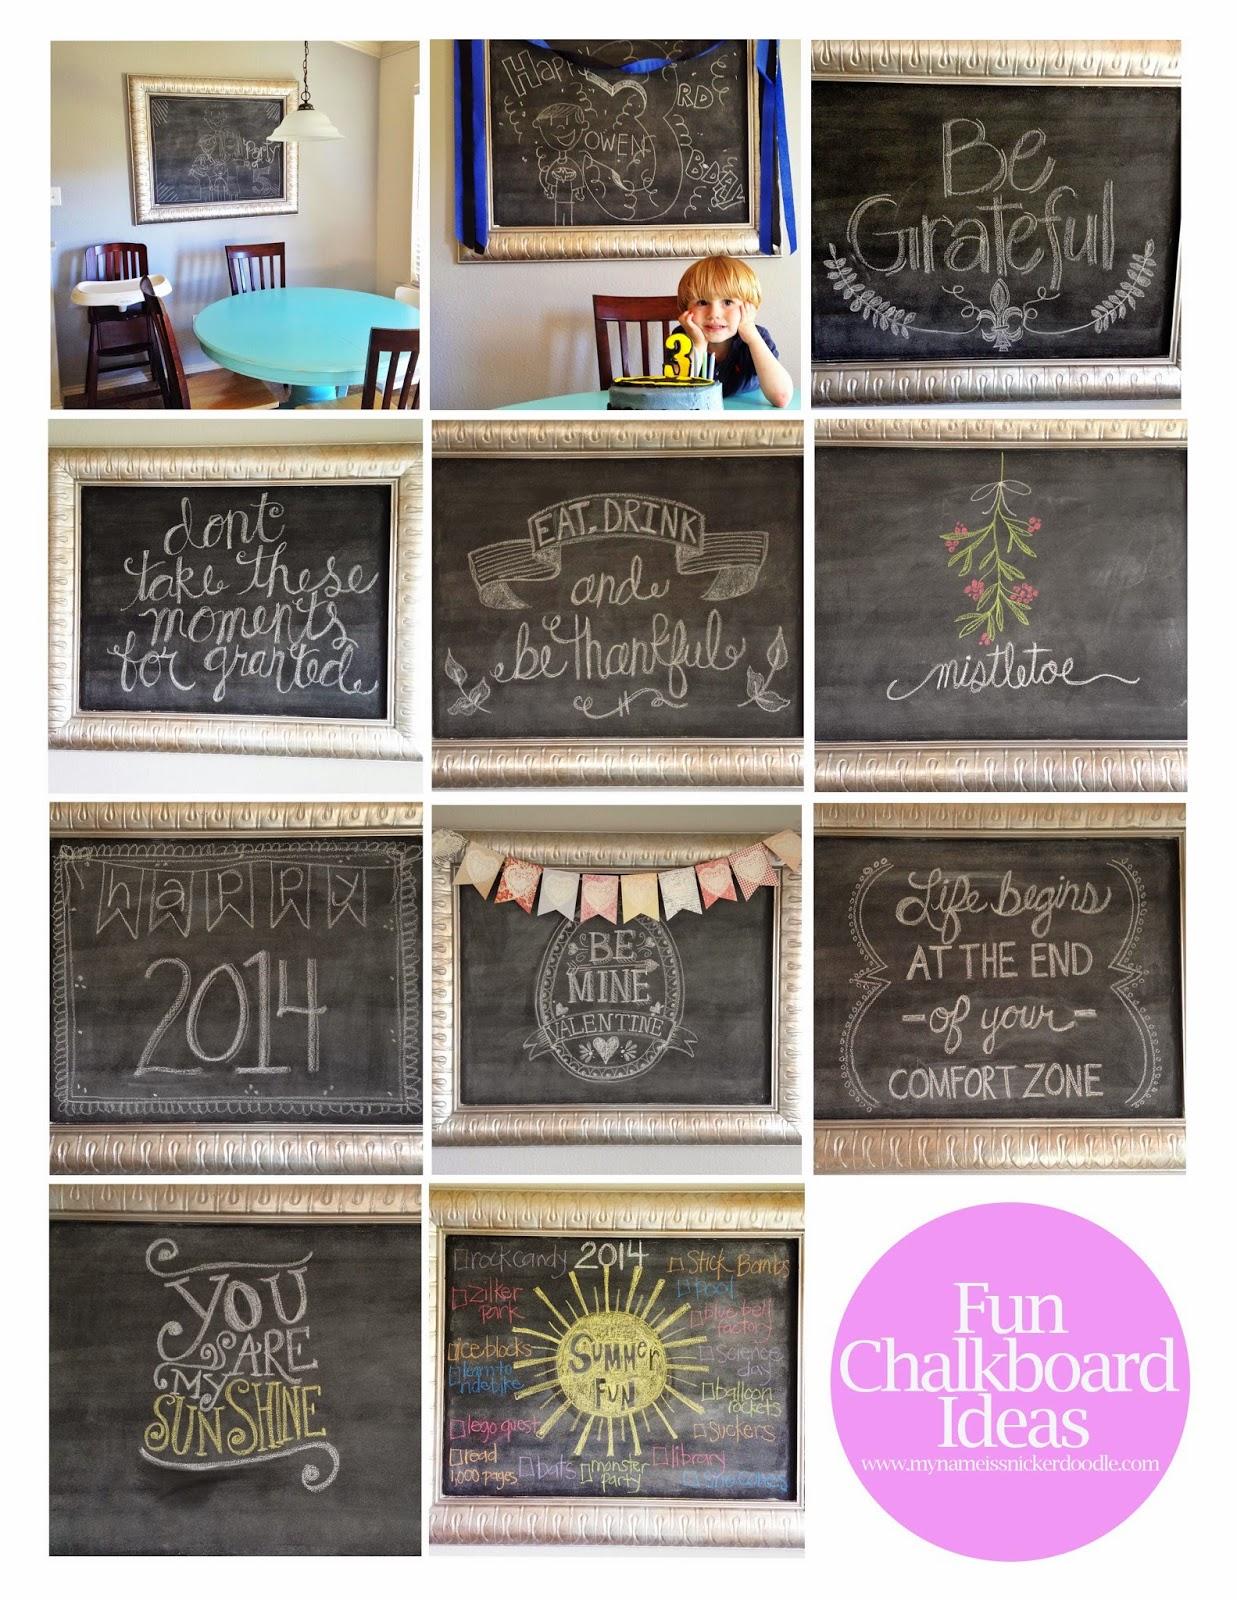 Super fun chalkboard art ideas | My Name Is Snickerdoodle #chalkboard